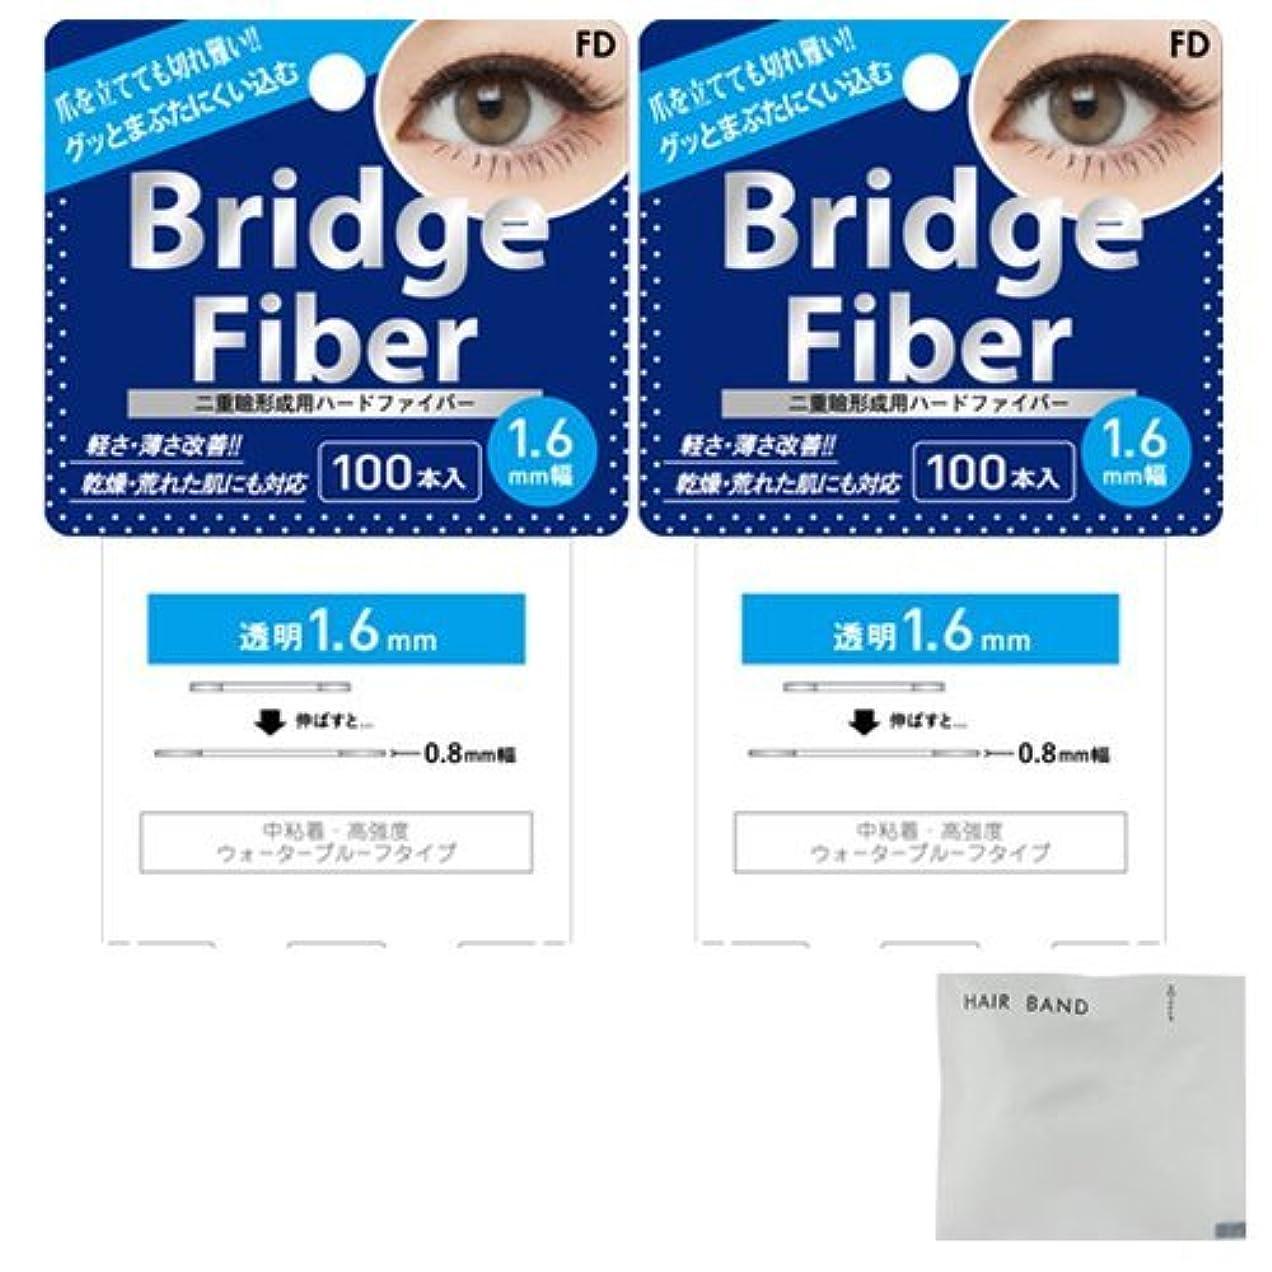 がっかりしたアストロラーベ落ち着かないFD ブリッジファイバーⅡ (Bridge Fiber) クリア1.6mm×2個 + ヘアゴム(カラーはおまかせ)セット